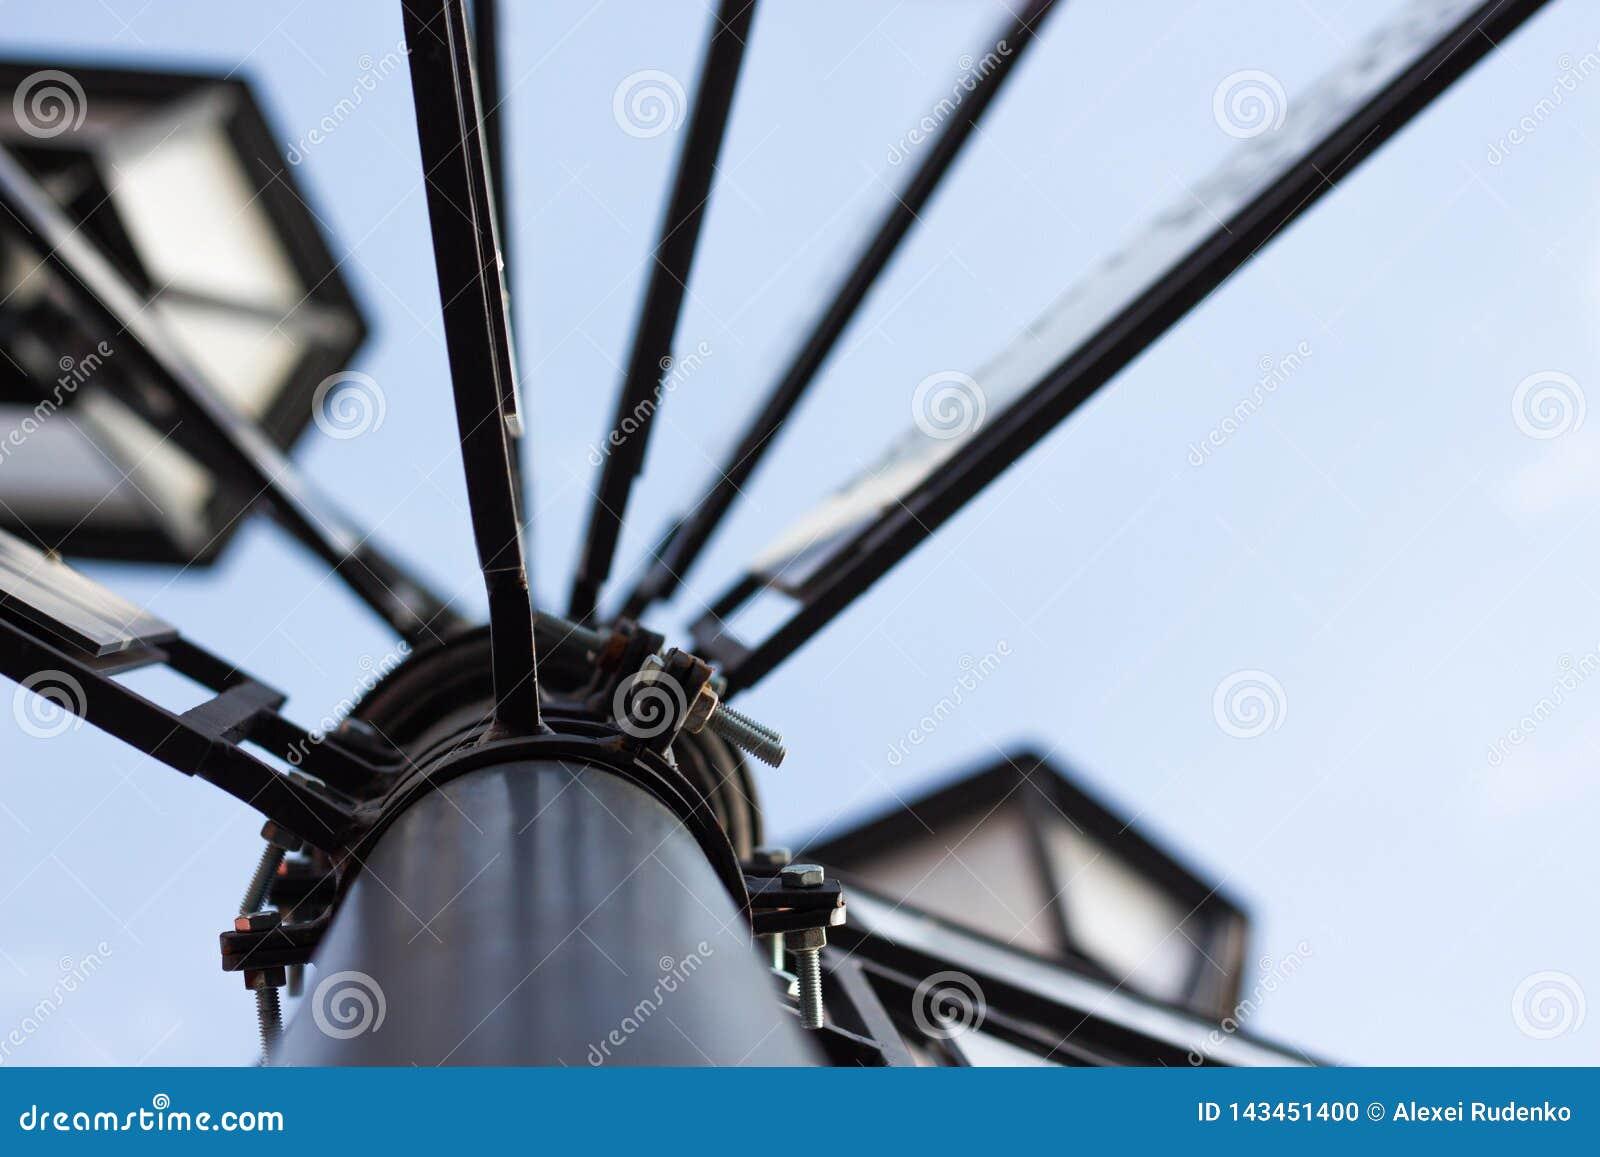 Η θέση λαμπτήρων αποτελείται από το μέταλλο ενάντια σε έναν μπλε ουρανό με τις πινακίδες των πόλεων